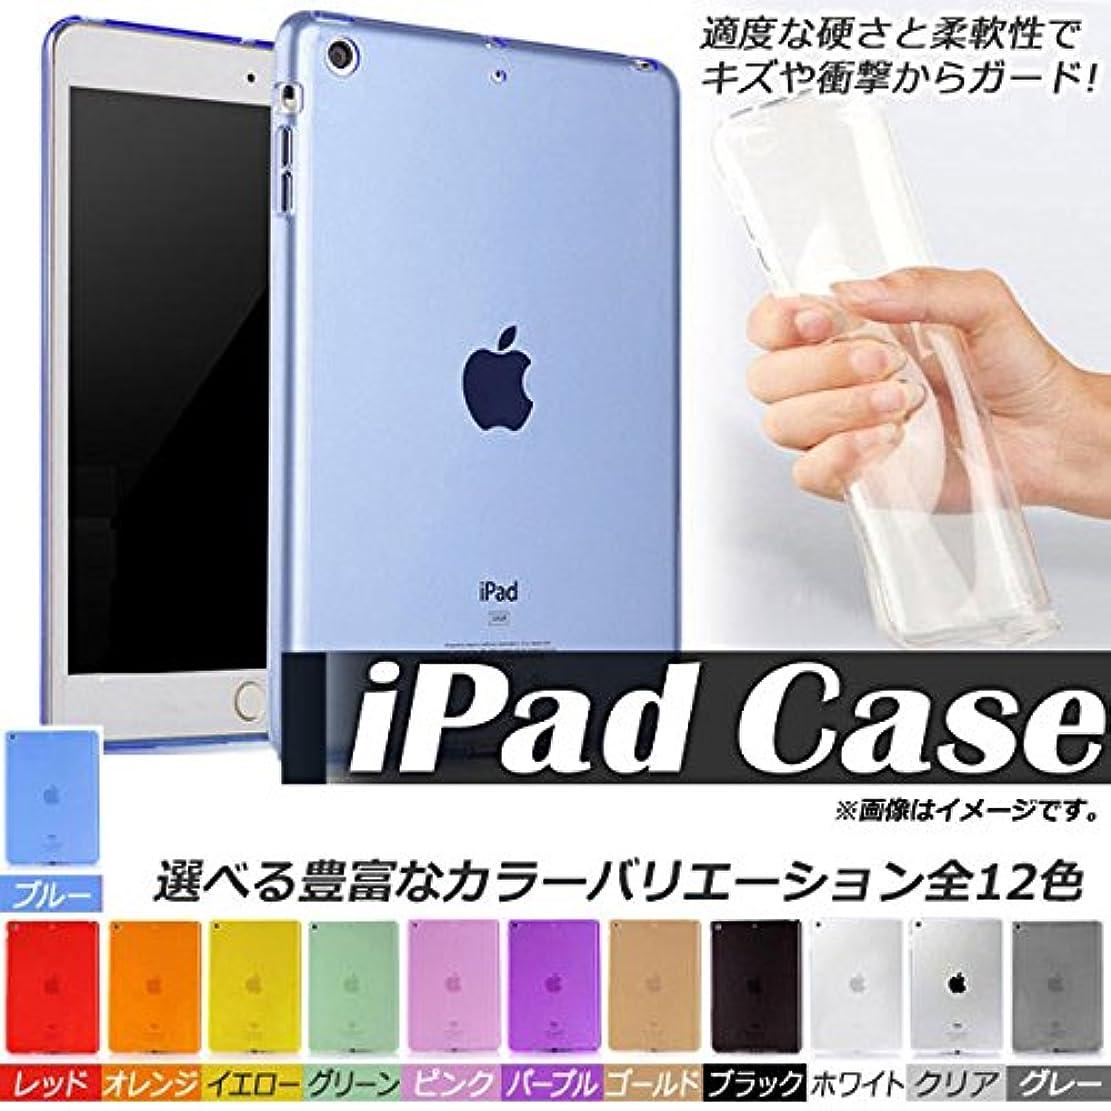 インキュバス微生物調和のとれたAP iPadソフトケース セミクリア TPU素材 キズや衝撃からガード ブルー iPad Air2 AP-TH201-BL-AIR2